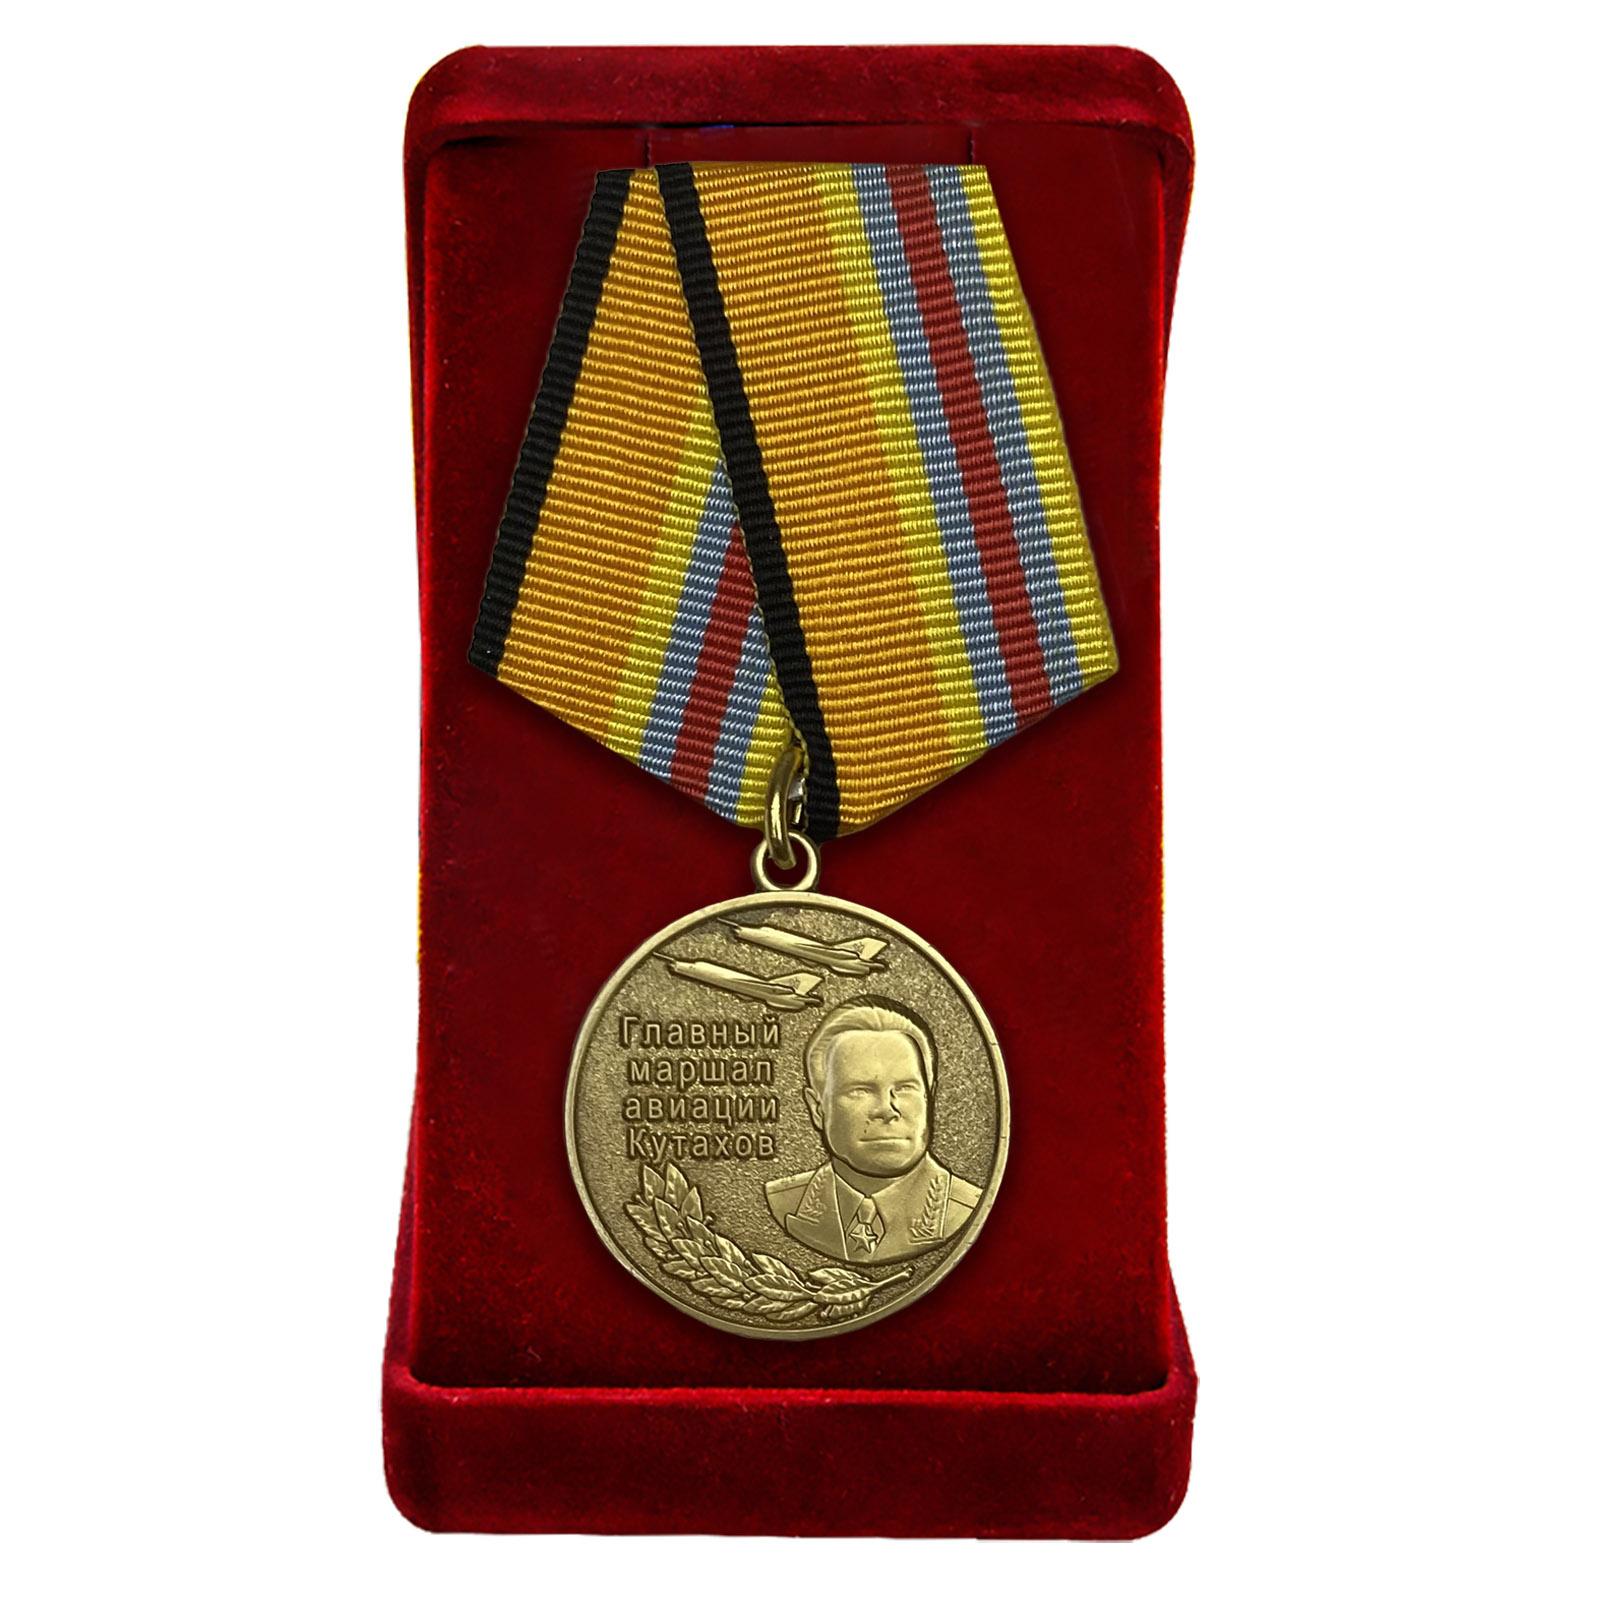 Медаль Кутахова МО РФ в футляре